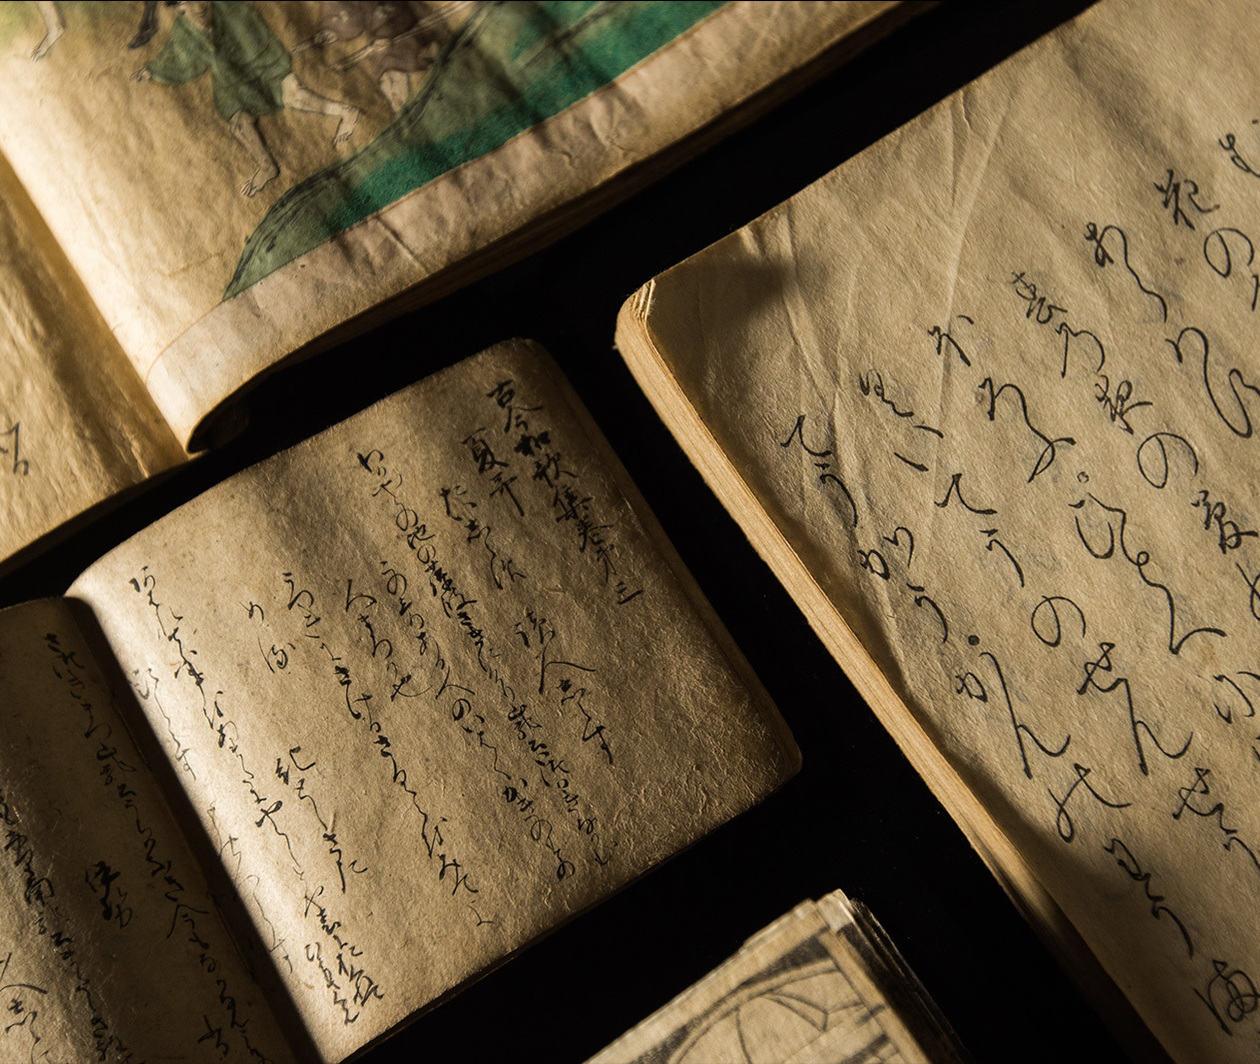 古書から読み解く日本の文化: 和本の世界